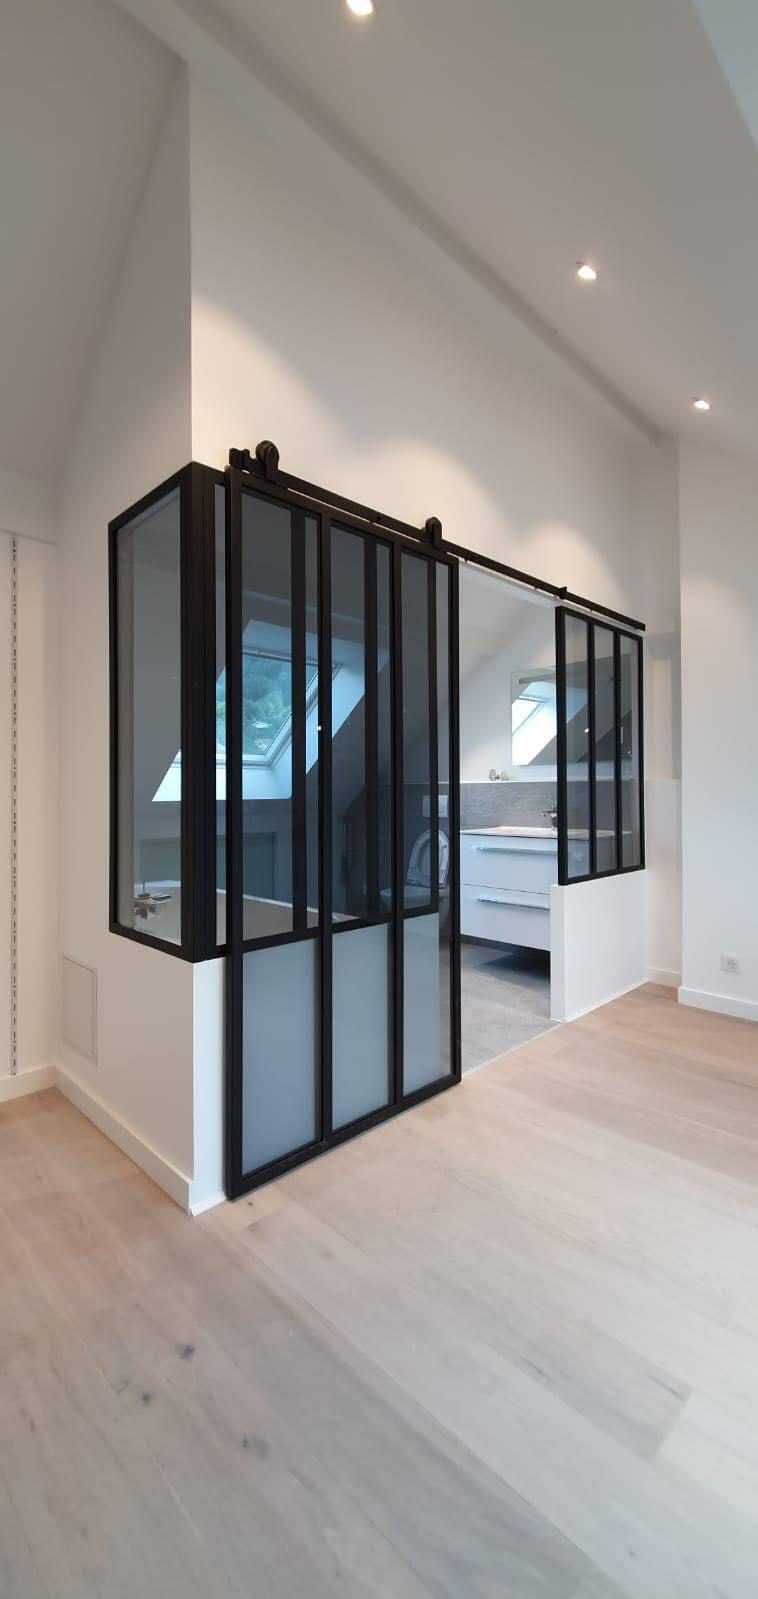 Verrière de salle de bain + porte coulissante ROBI Annecy (74)6